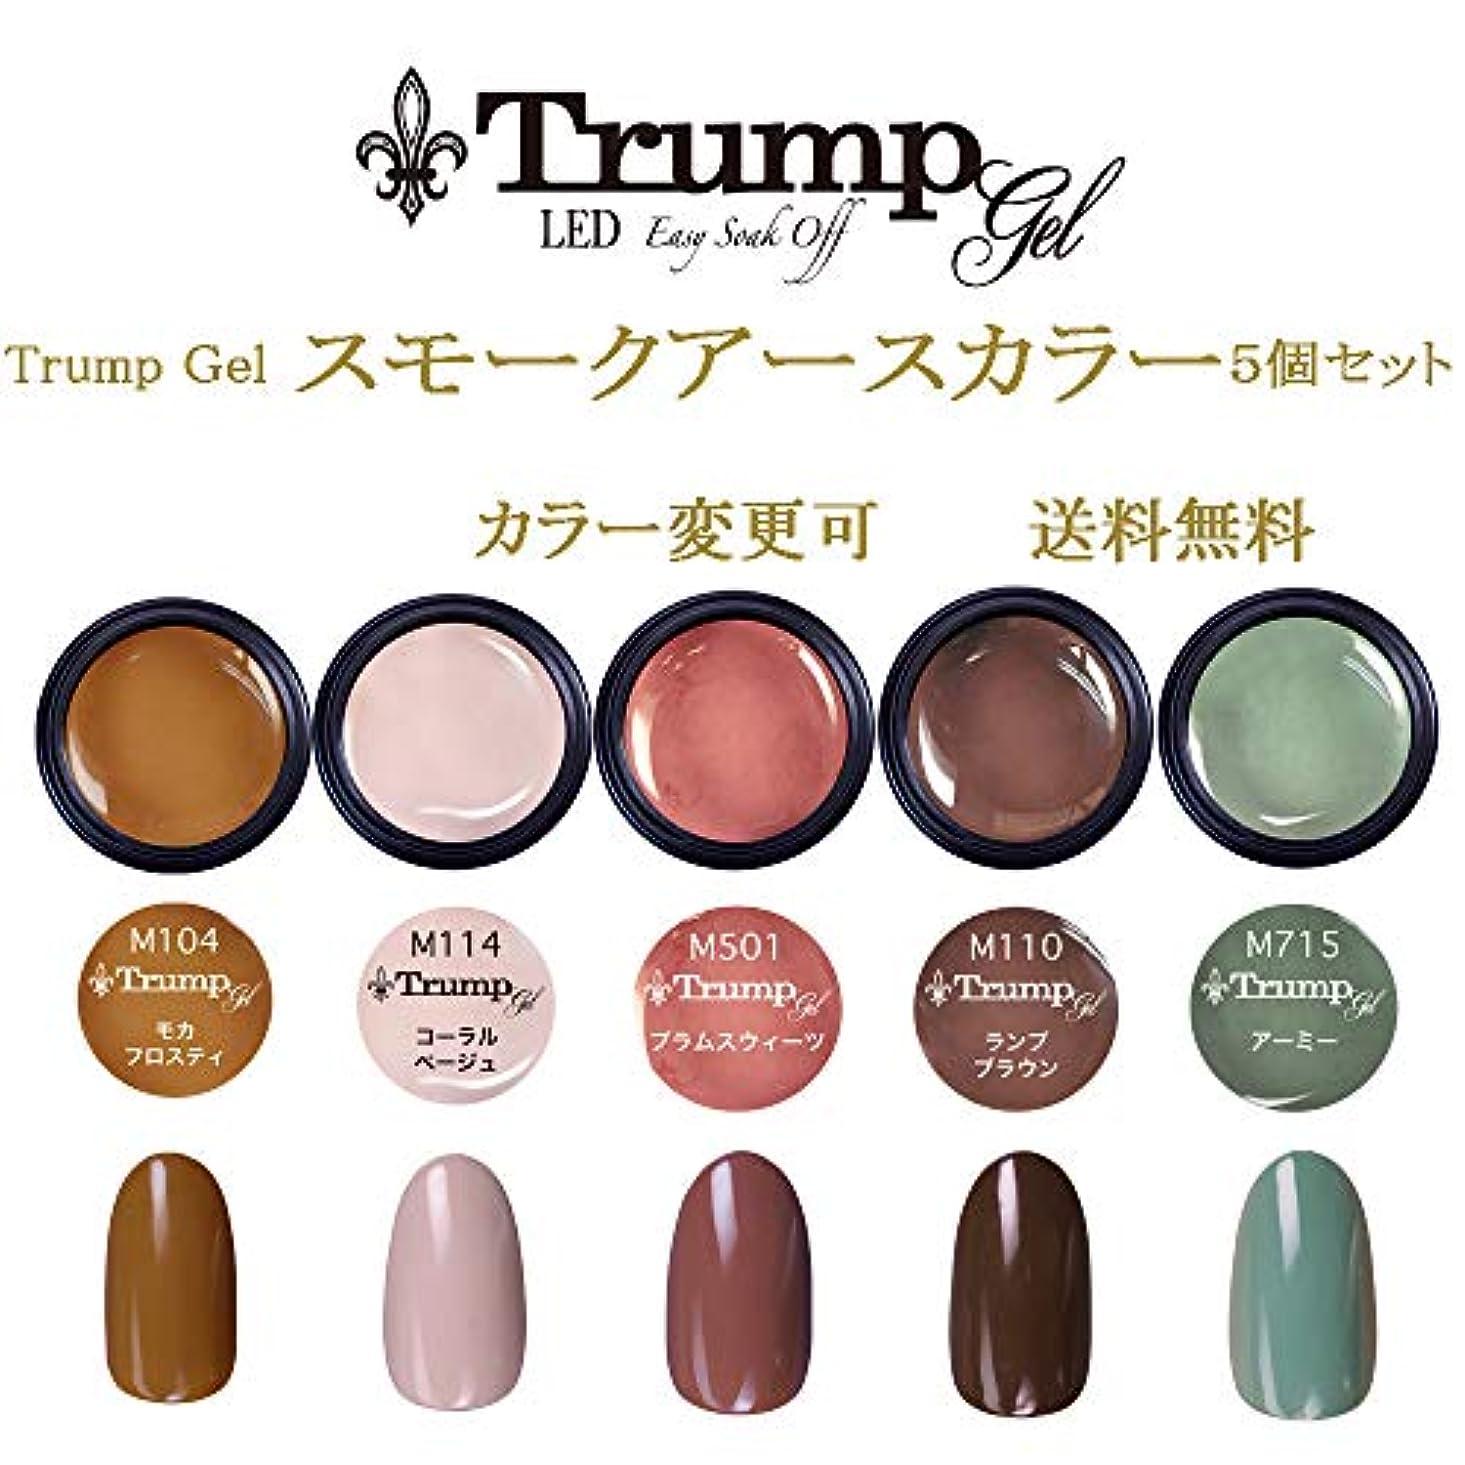 ほとんどない幾何学バスタブ【送料無料】日本製 Trump gel トランプジェル スモークアース 選べる カラージェル 5個セット スモーキー アースカラー ベージュ ブラウン マスタード カーキ カラー